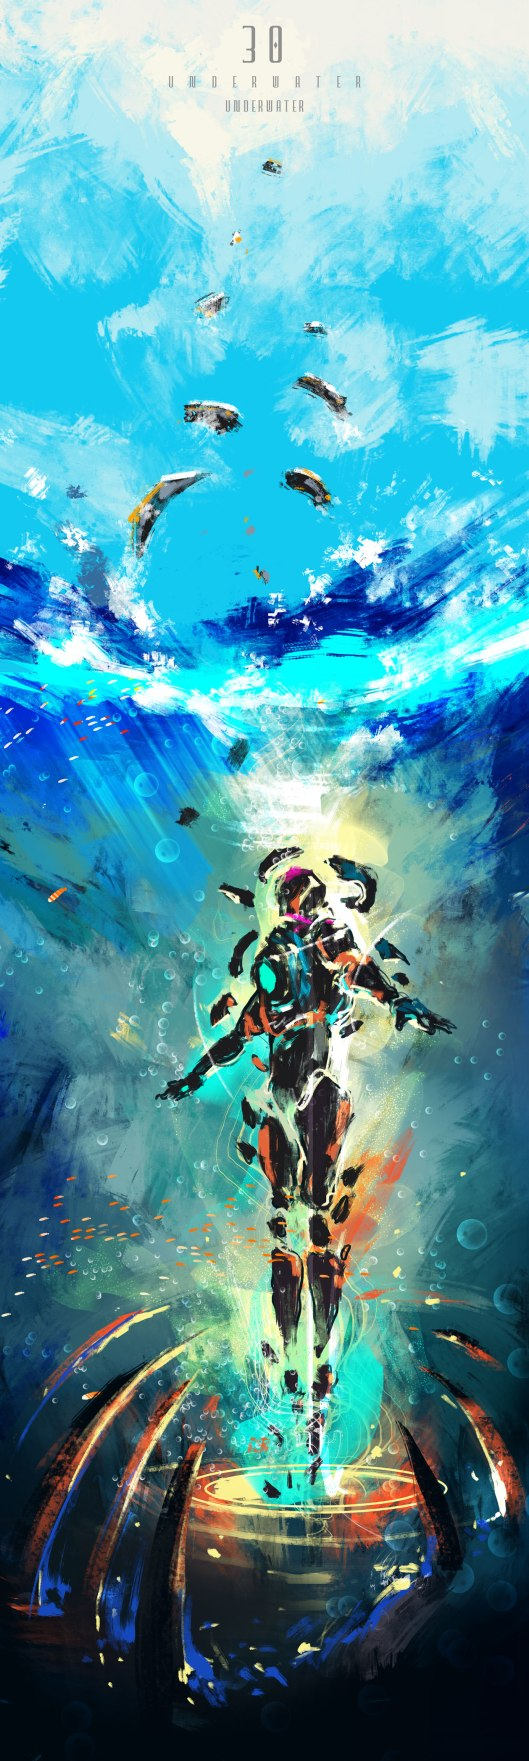 Underwater-teleportation